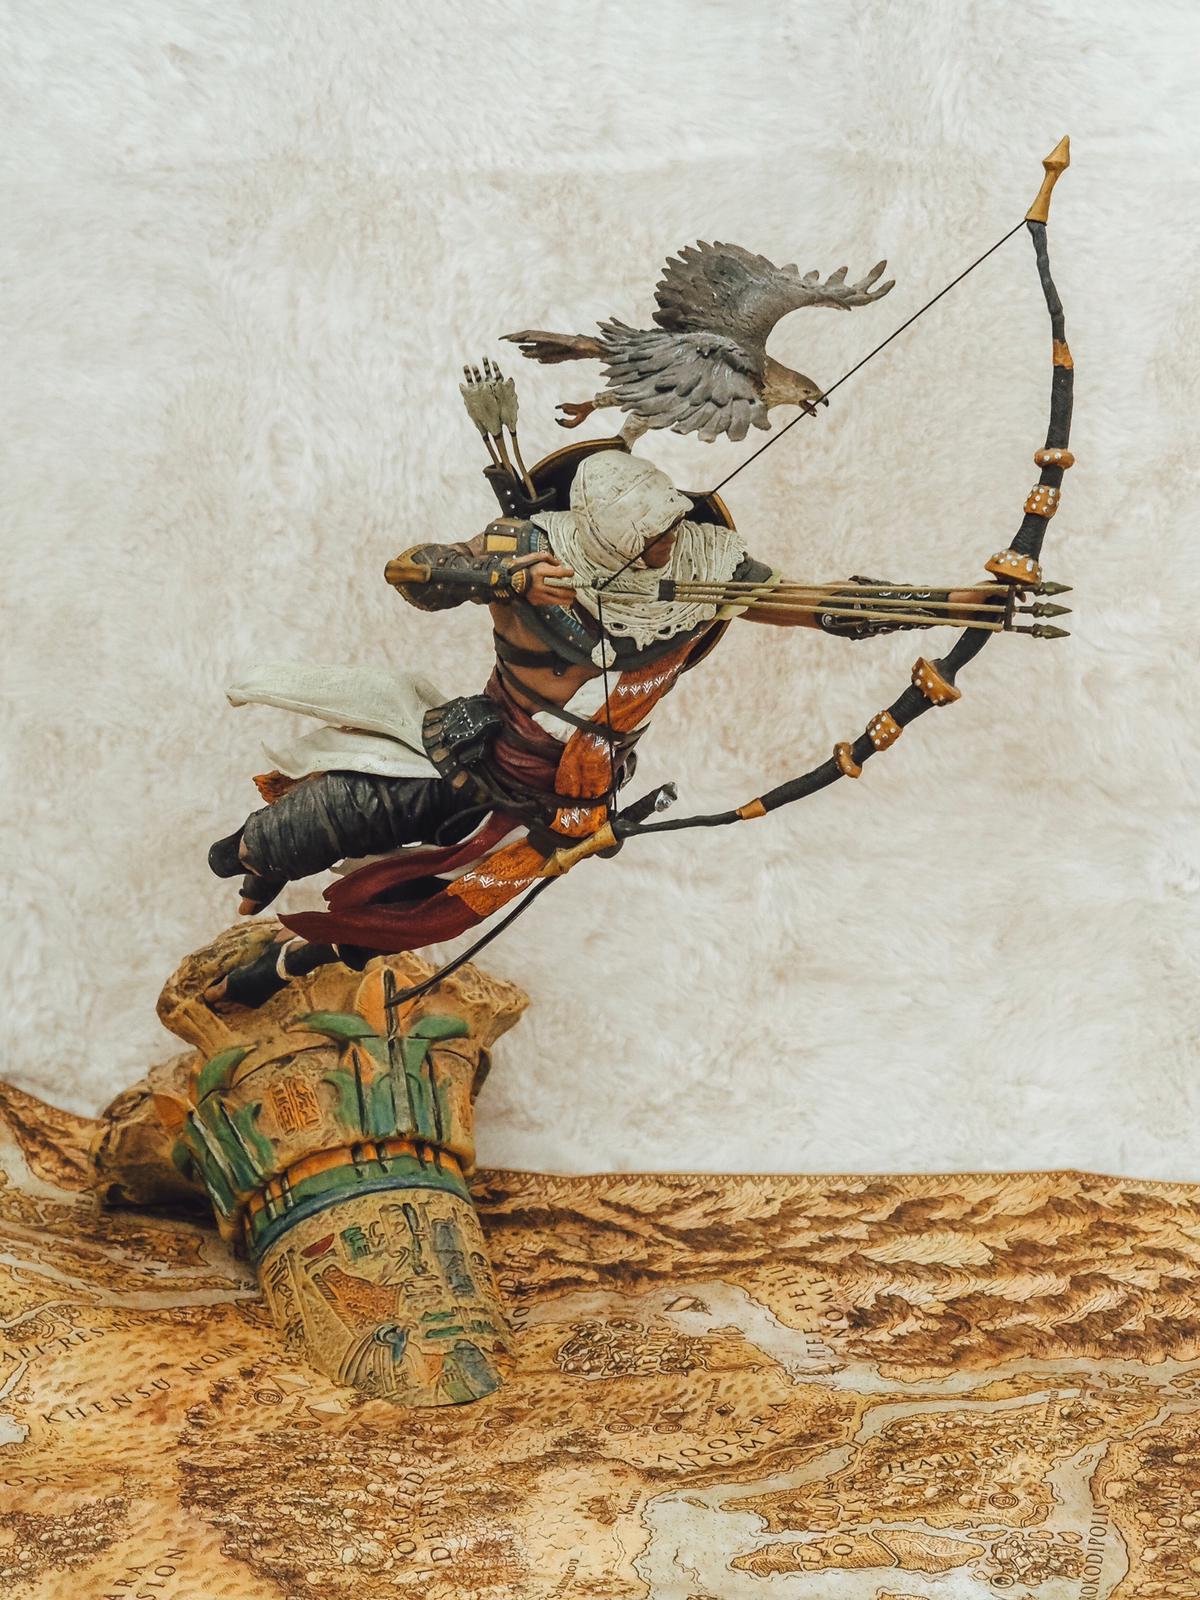 Die Assasins Creed - Dawn of the Creed Collector's Edition war exklusiv im Ubisoft Store erhältlich & erschien am 27.10.201. Mehr dazu auf dem Gamer Blog ☆